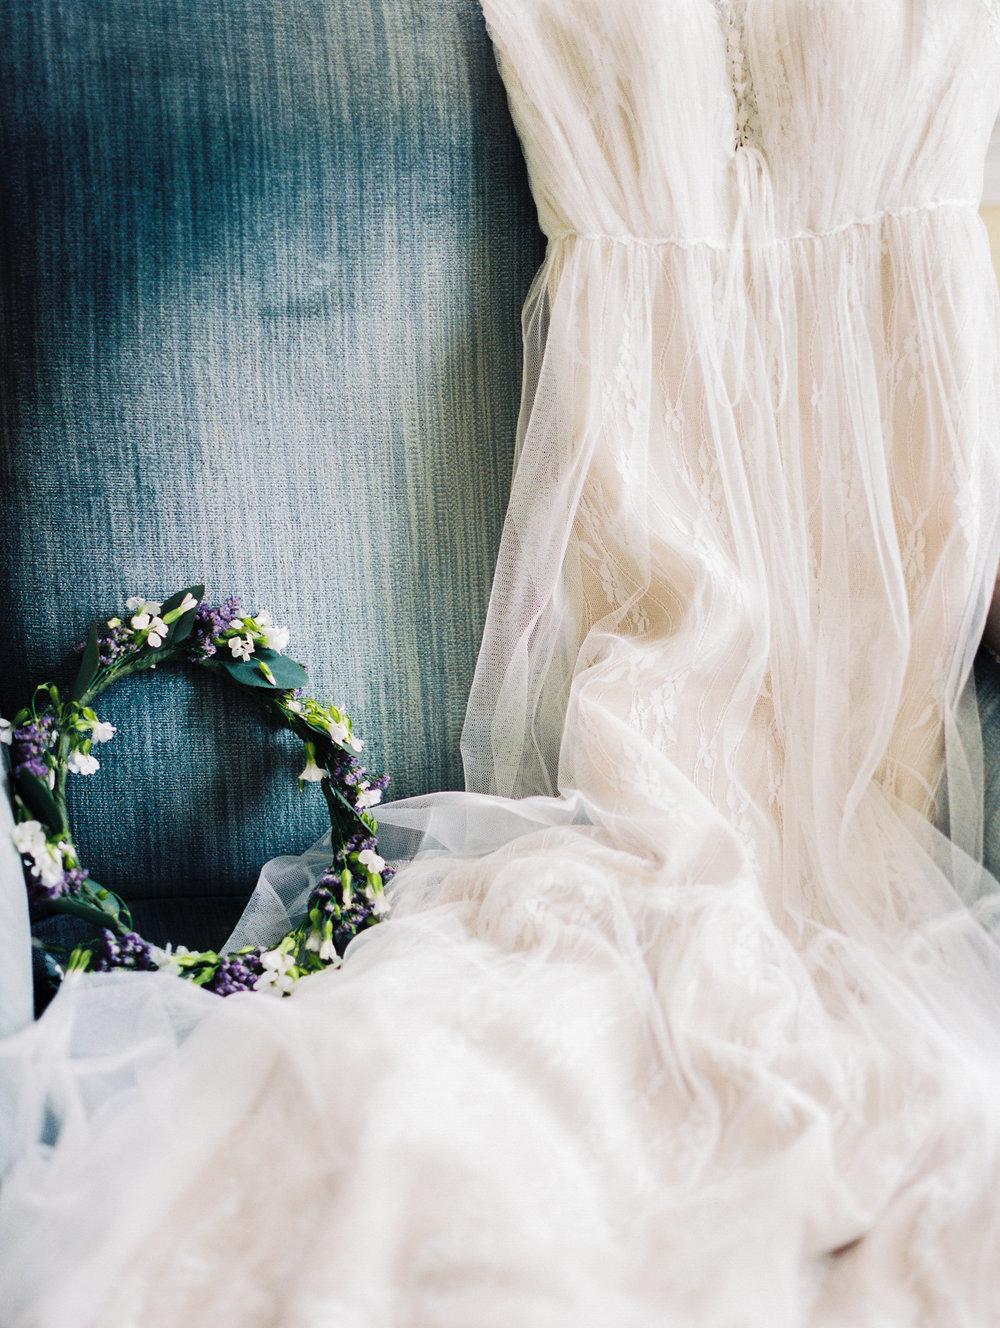 Tina+Jacob+Wedding-Details-0008.jpg